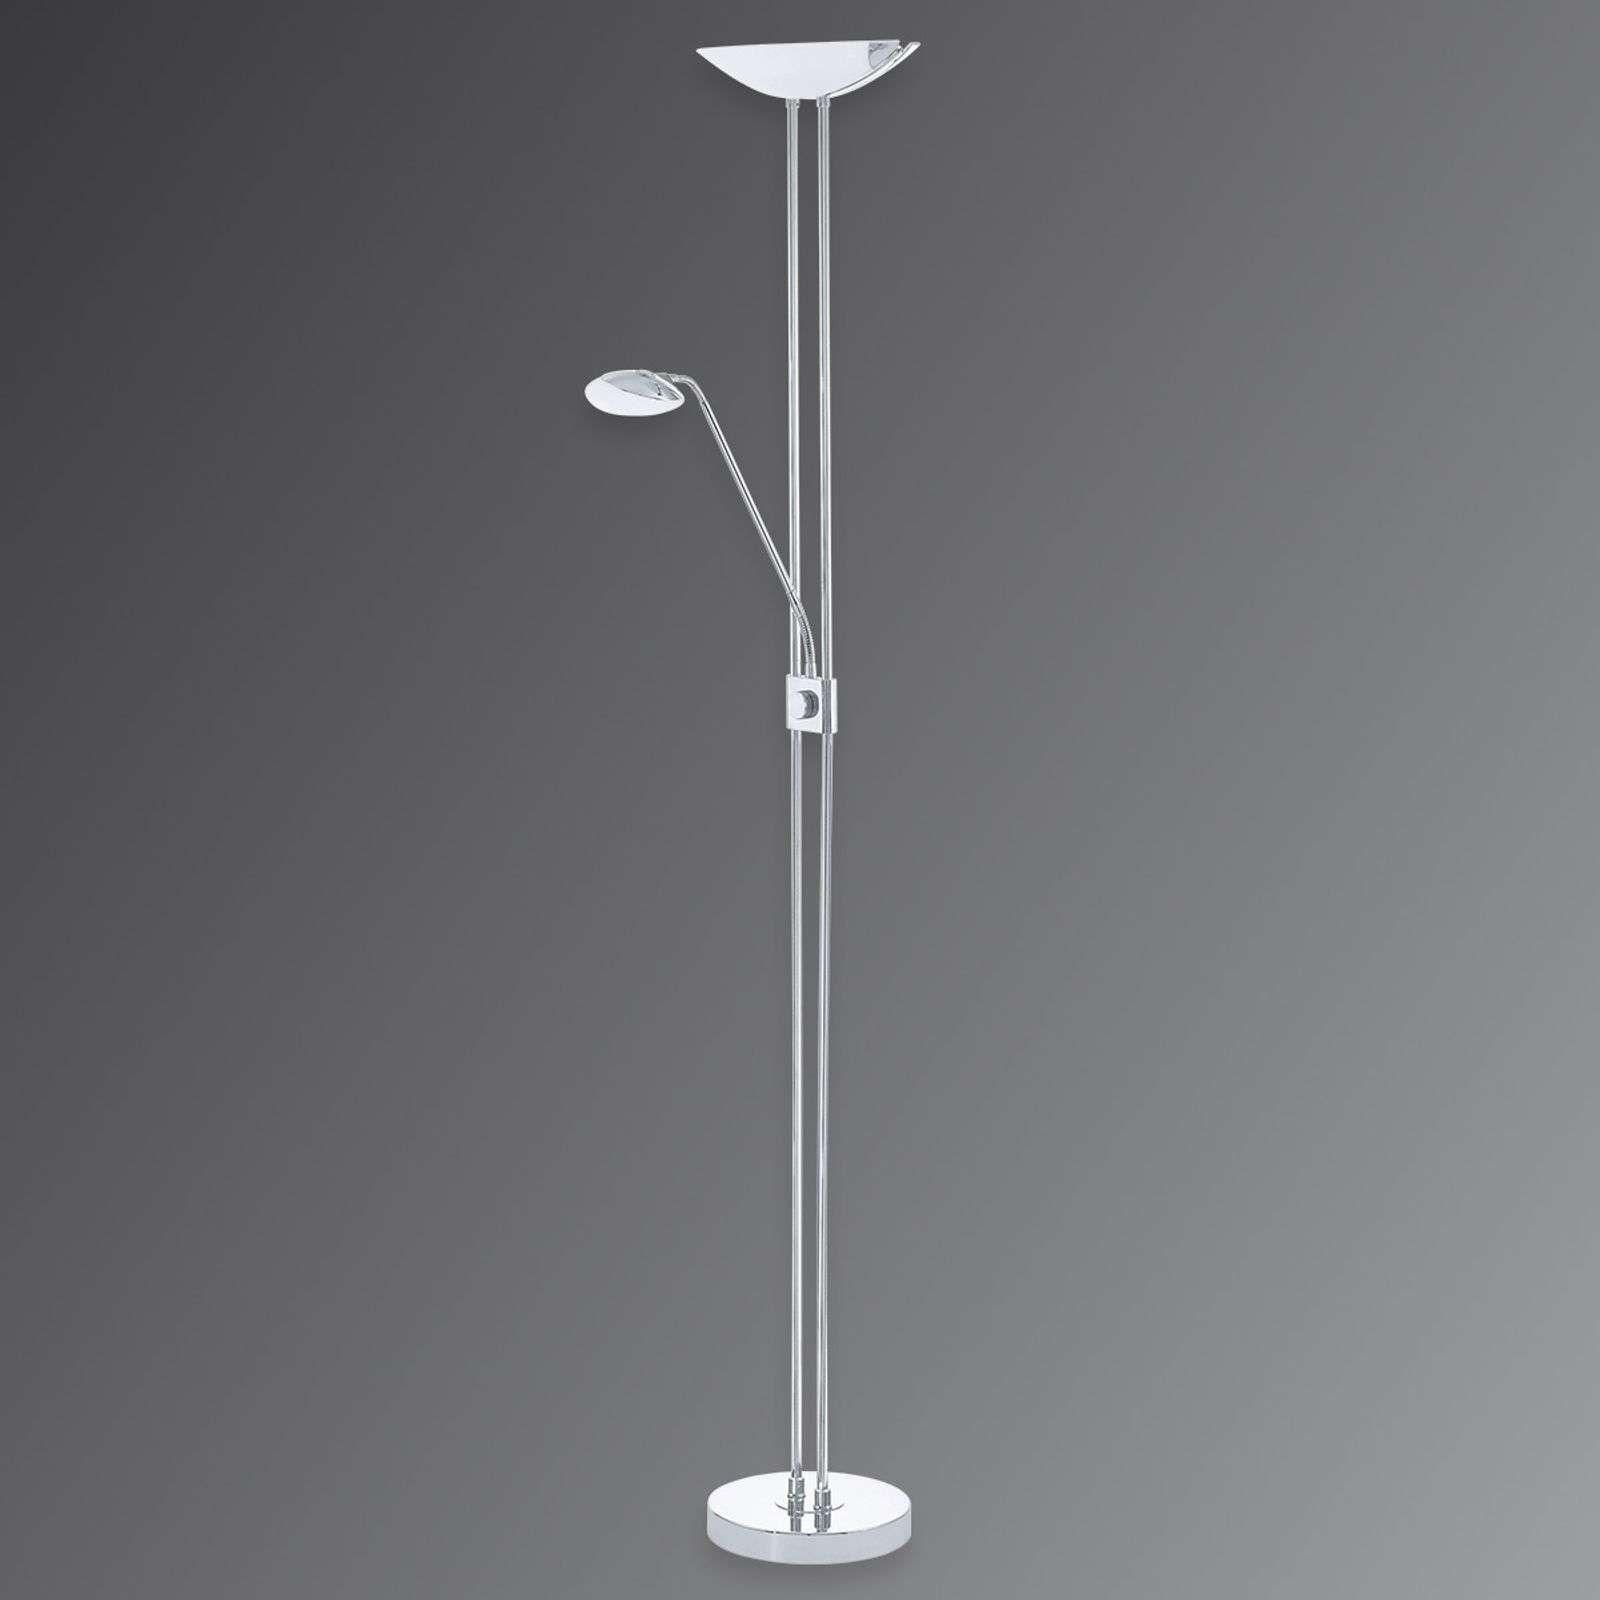 Moderne Stehlampe Baya Von Eglo Silber Deckenfluter Led